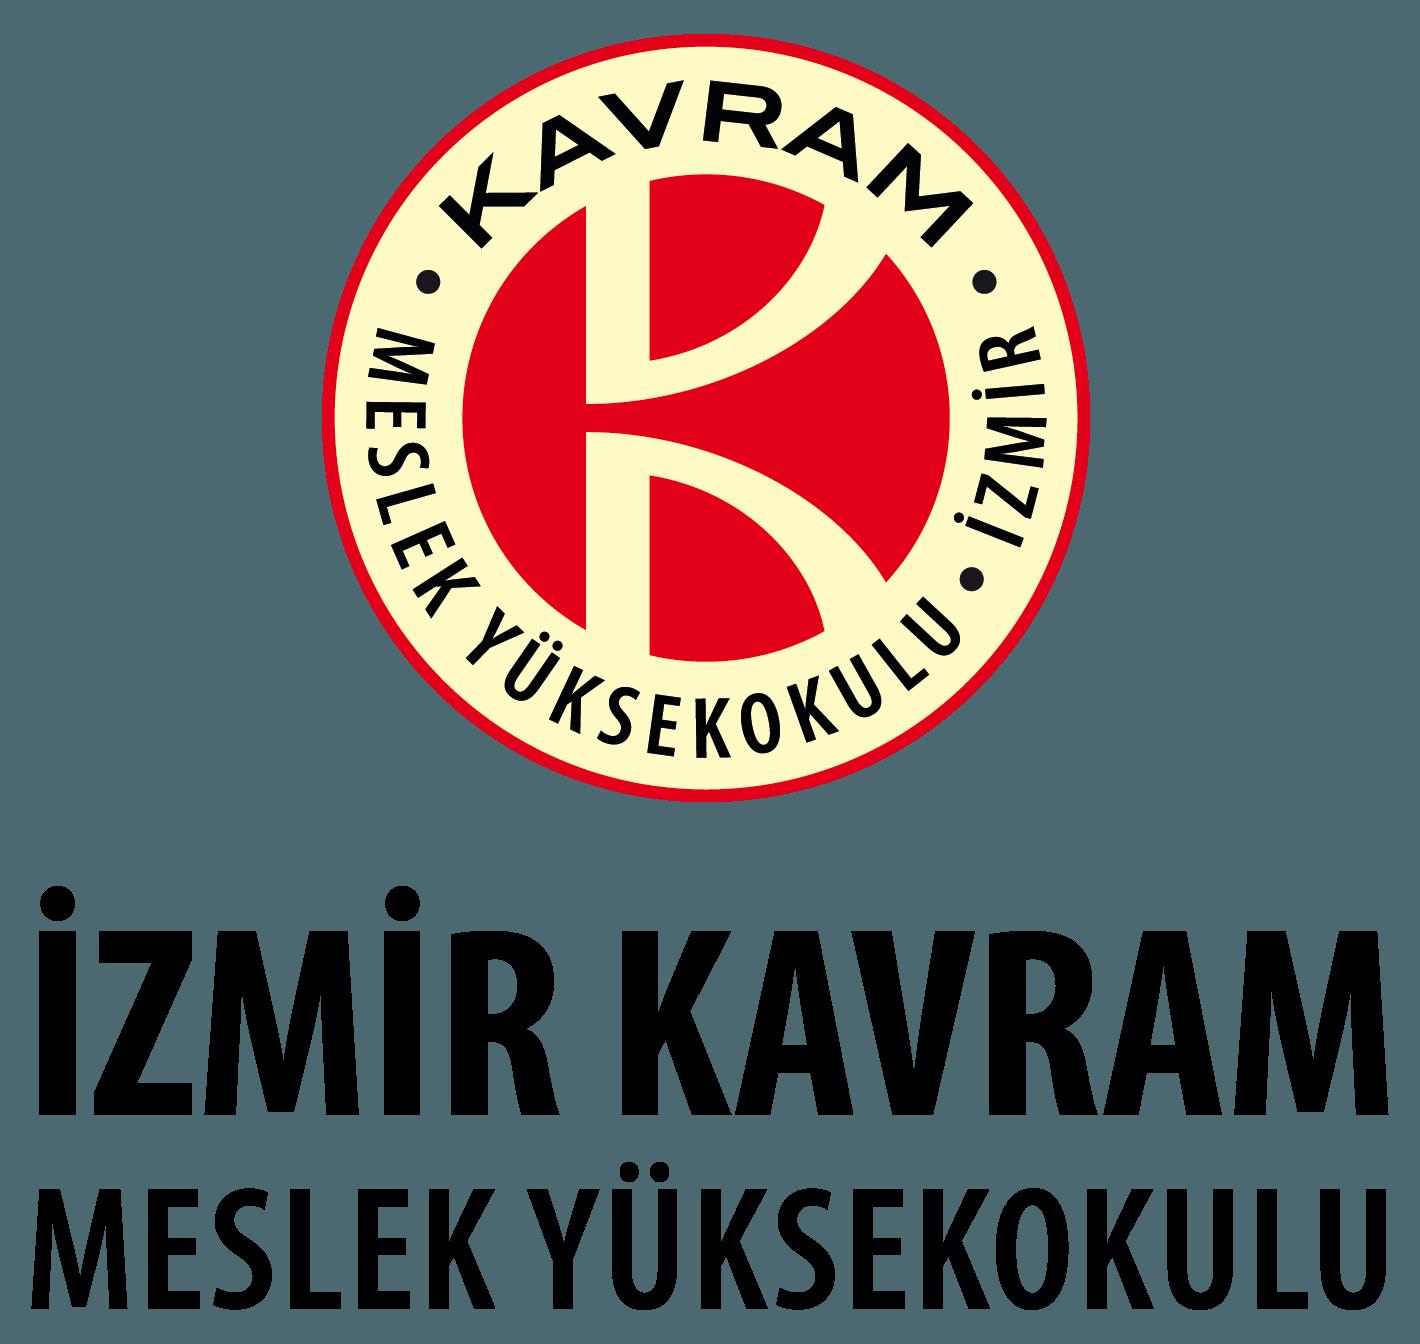 İstanbul Kavram Meslek Yüksekokulu jhyj